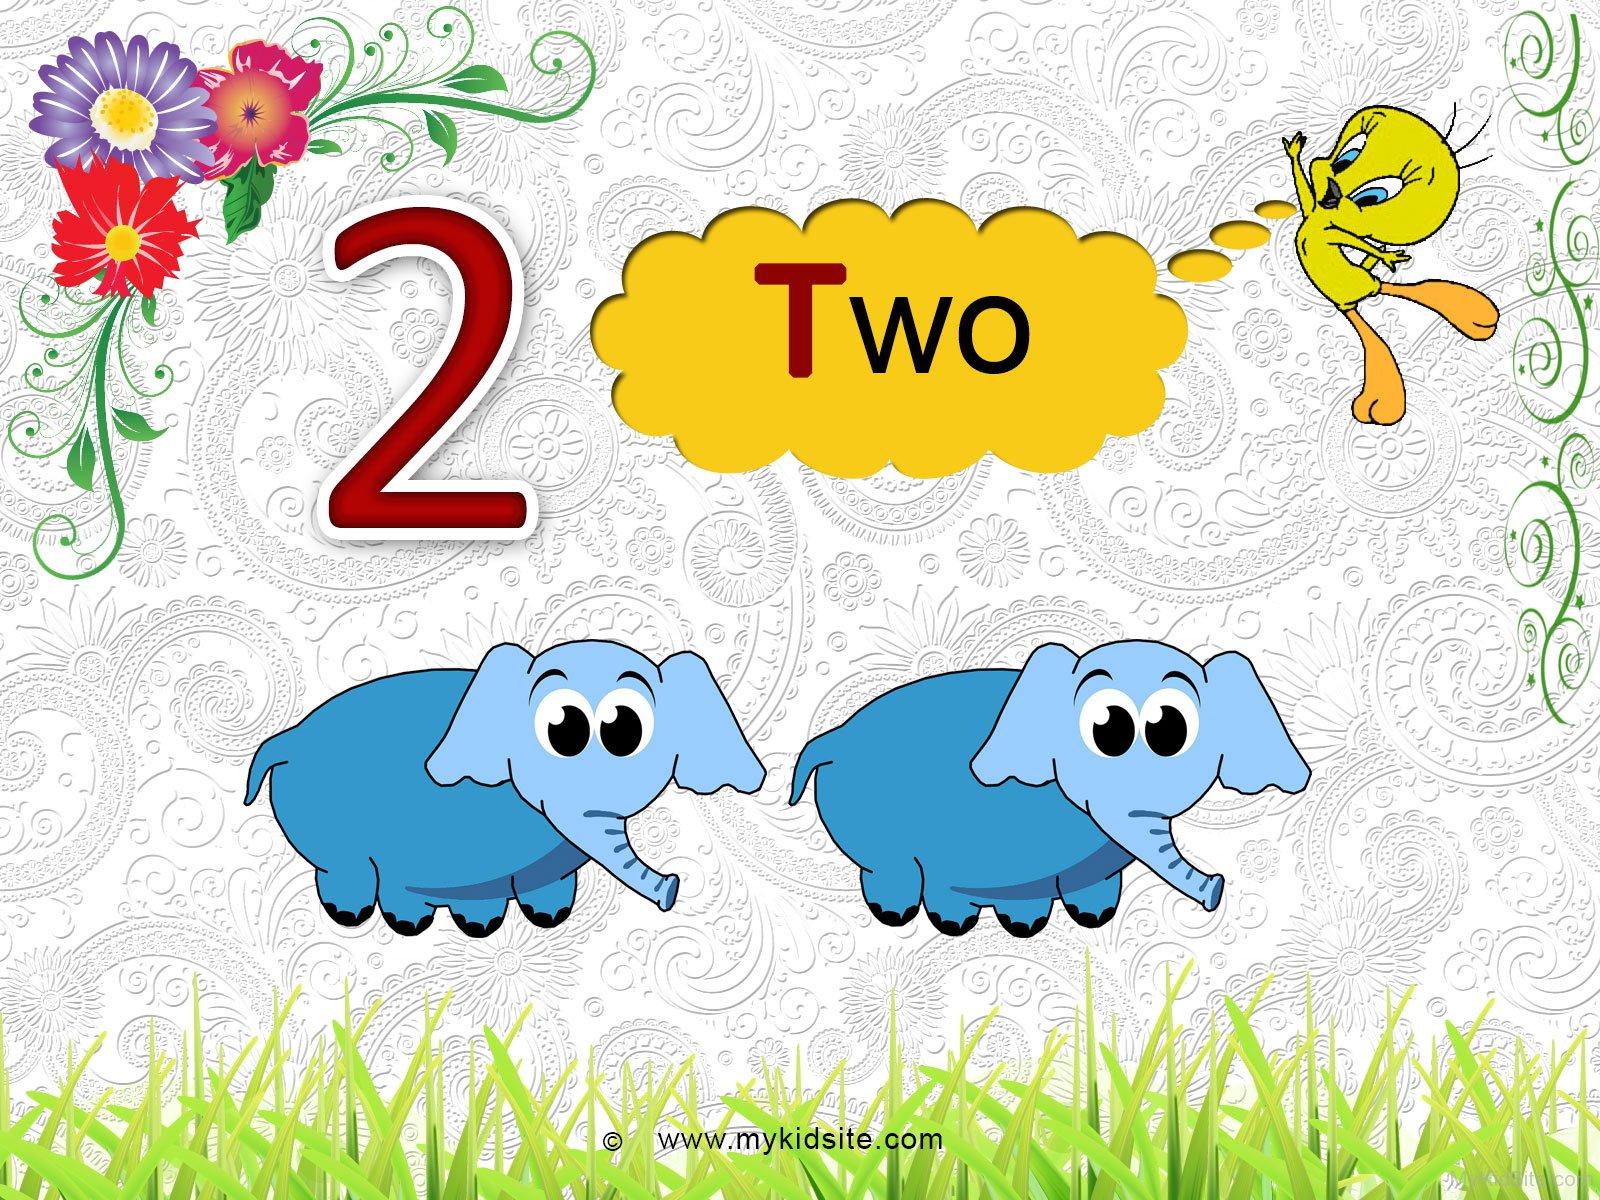 Number Worksheet For 2